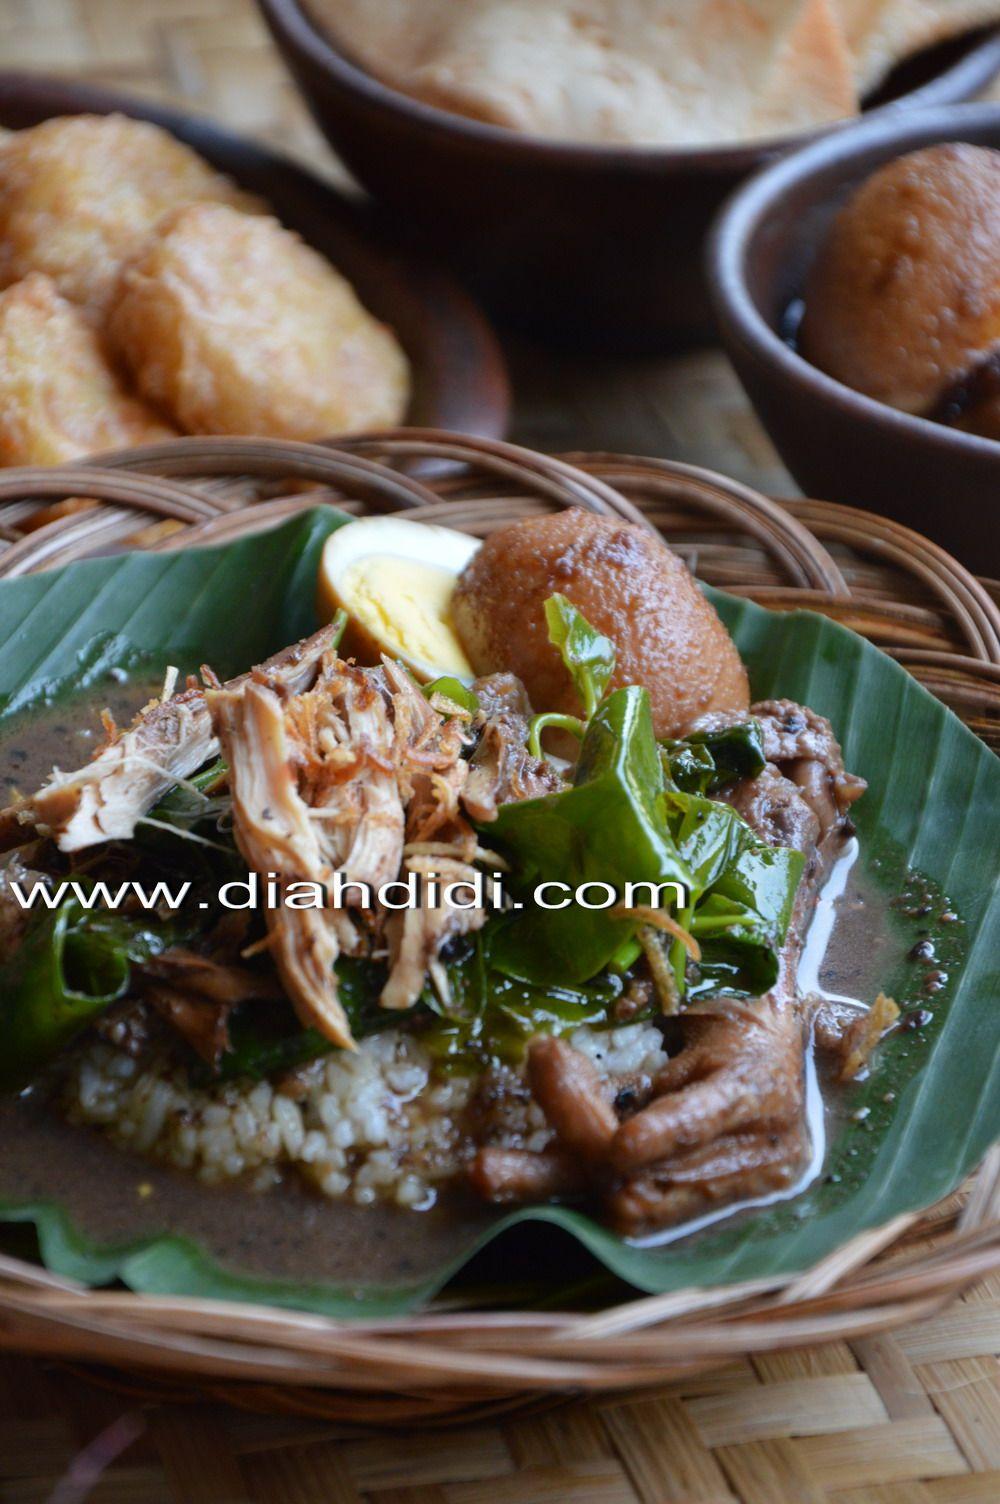 Inspirasi Menu Buka Puasa Hari Ke 1 Resep Pindang Ayam Kudus Resep Masakan Indonesia Resep Masakan Masakan